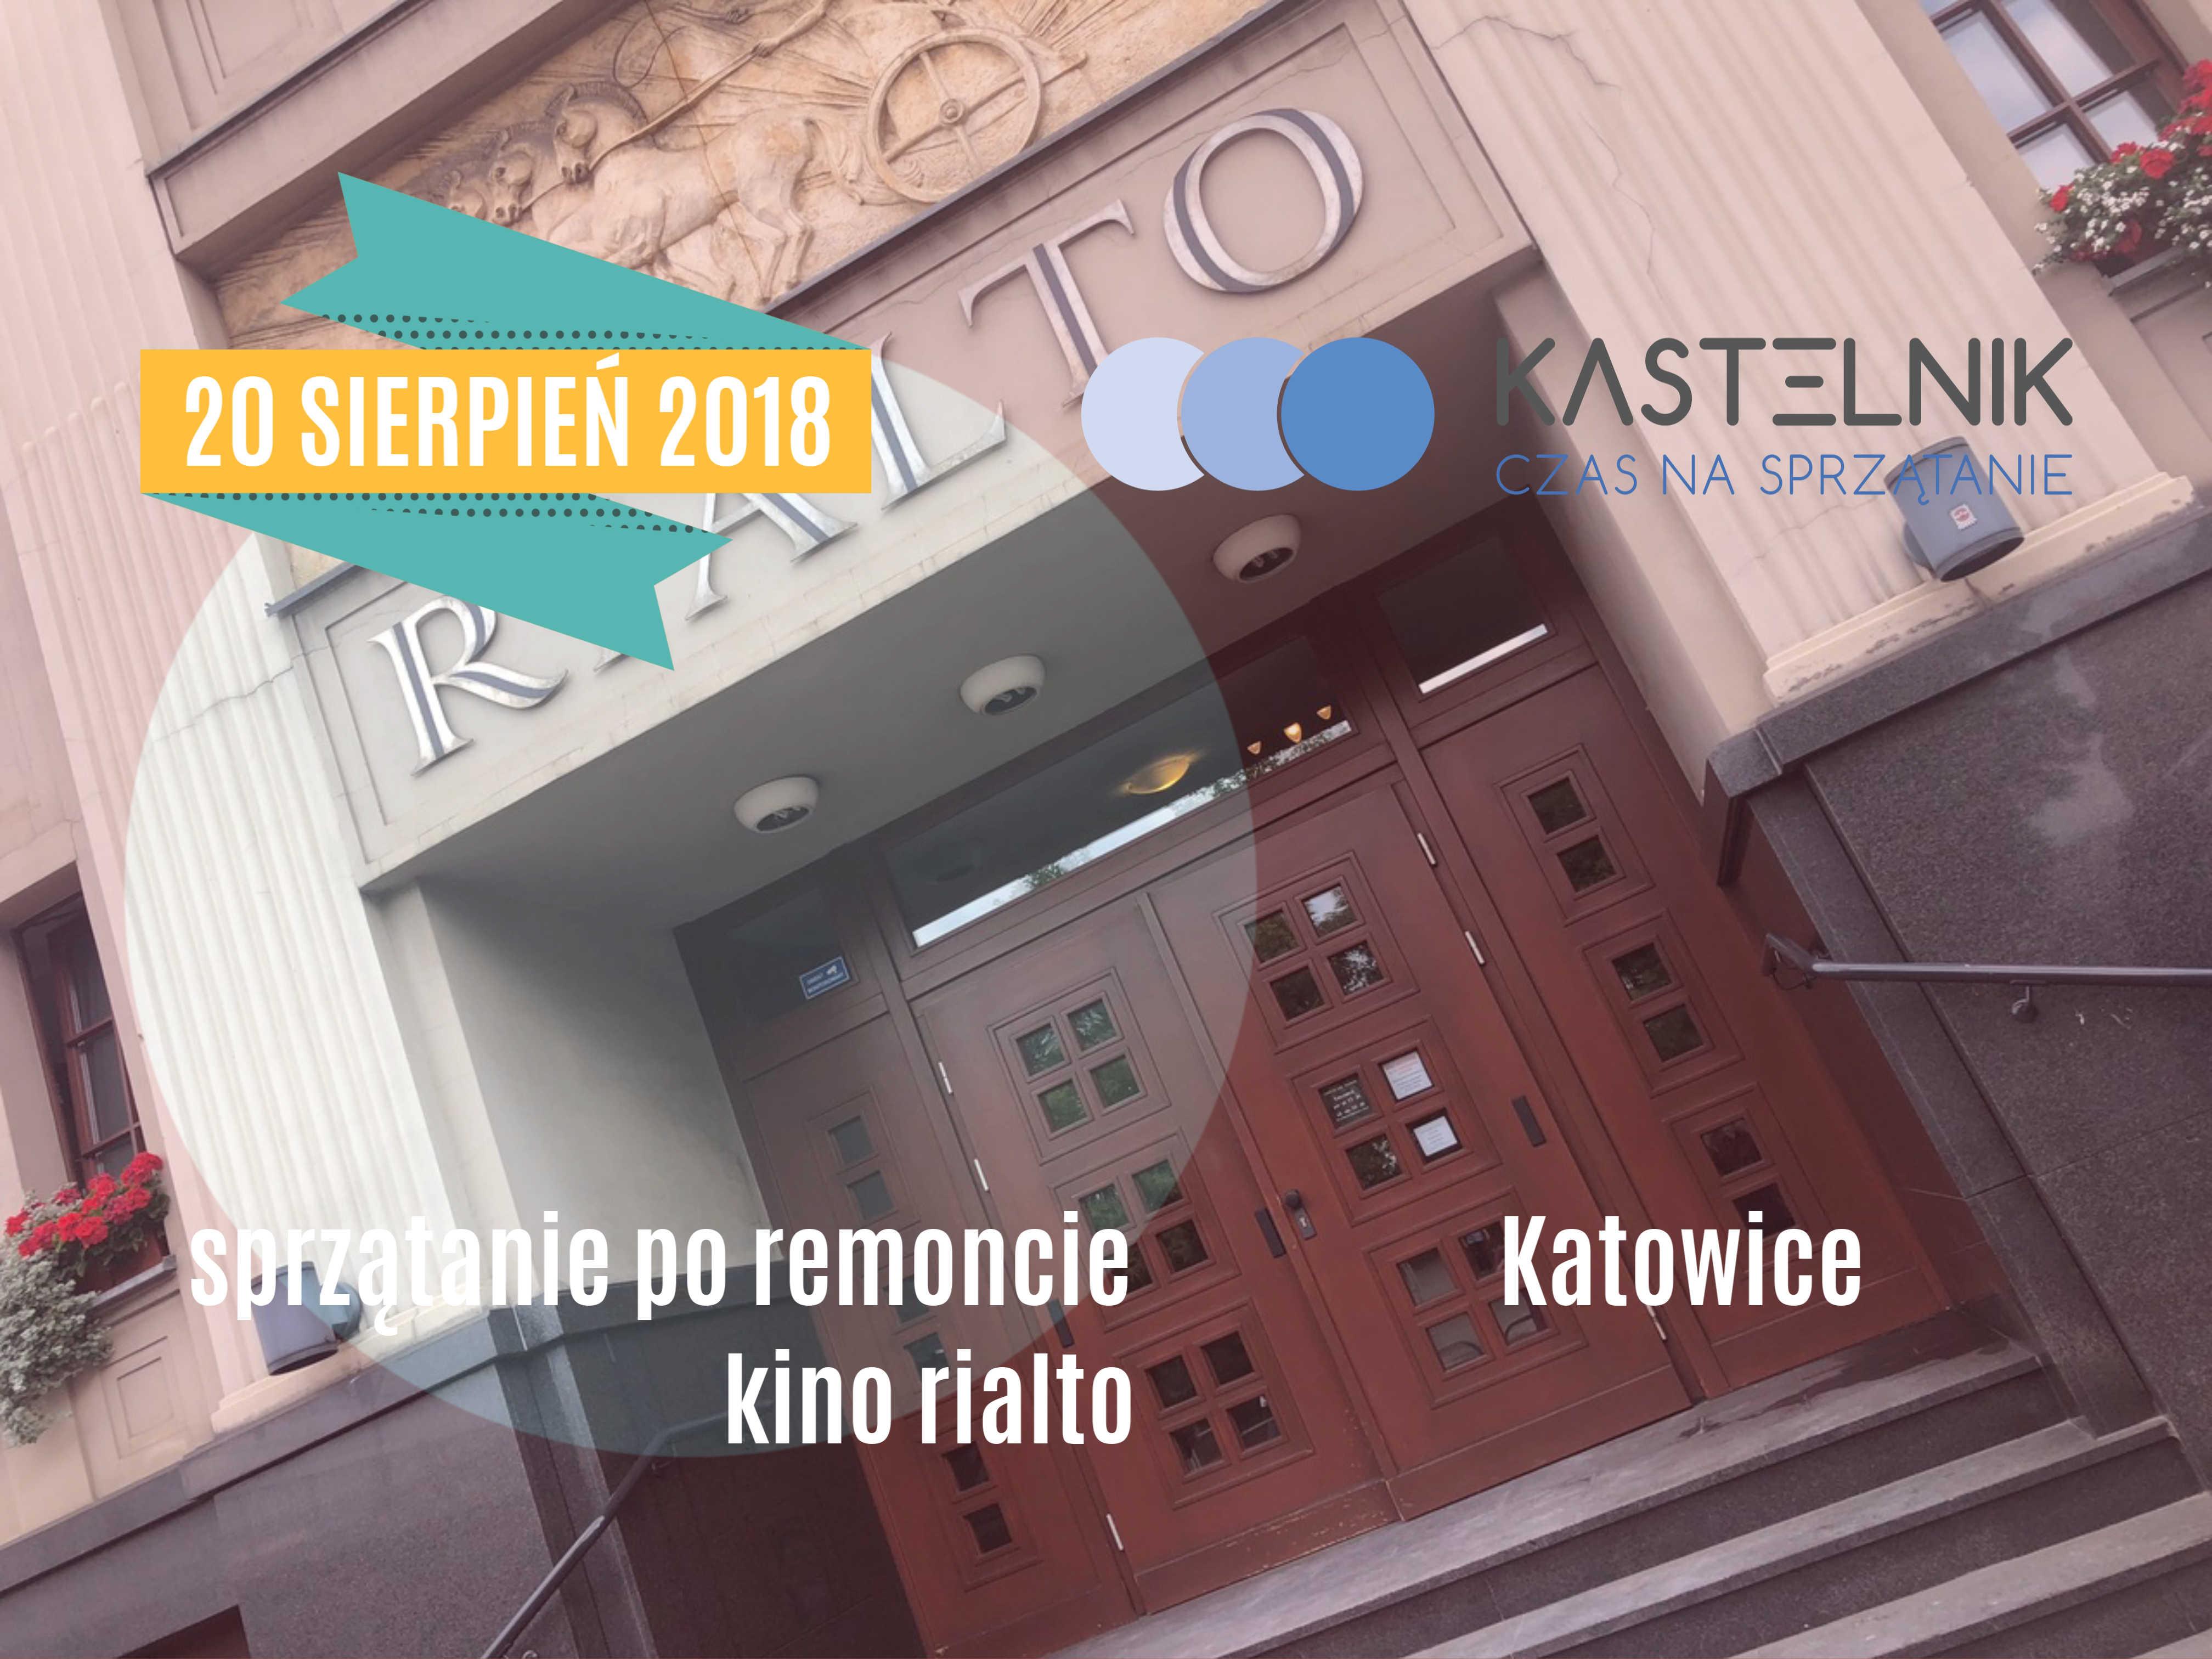 Sprzątanie po remonciew Kino-Teatr Rialto w Katowicach